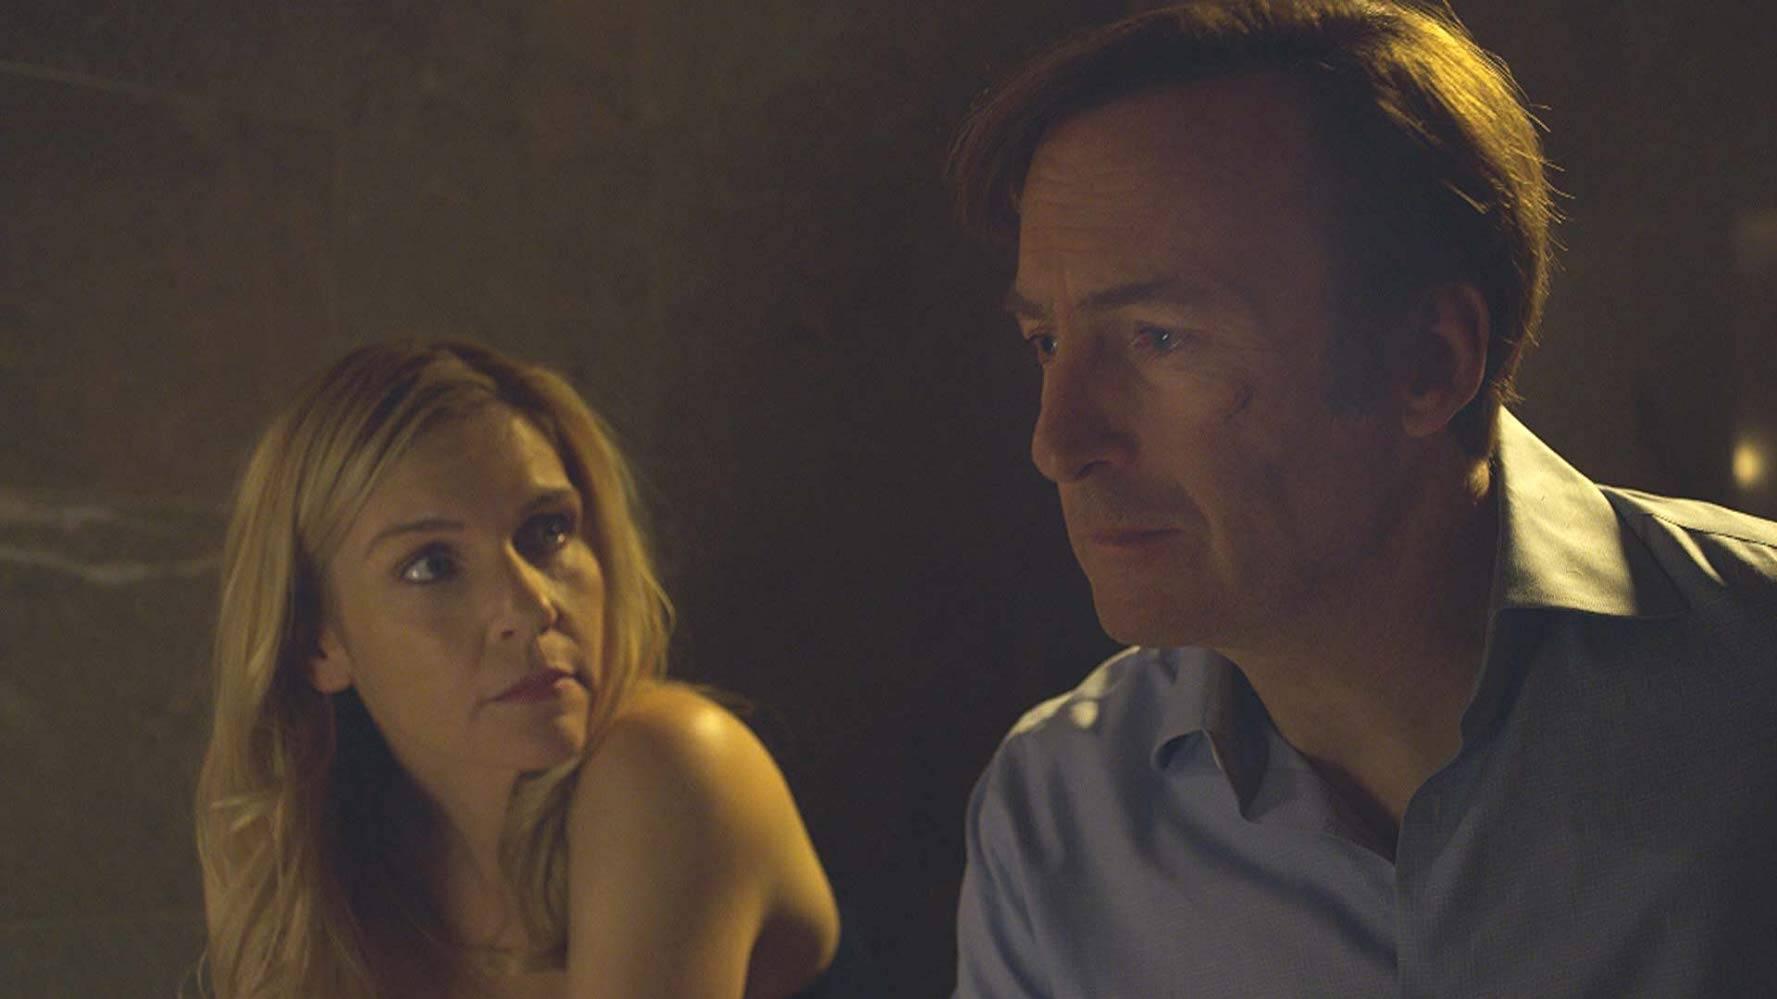 """9 - Better Call Saul: o spin-off de """"Breaking Bad"""" continua a impressionar. Nesta 4ª temporada, a transformação de Jimmy em Saul já está em curso e é acachapante. Foto: Divulgação"""